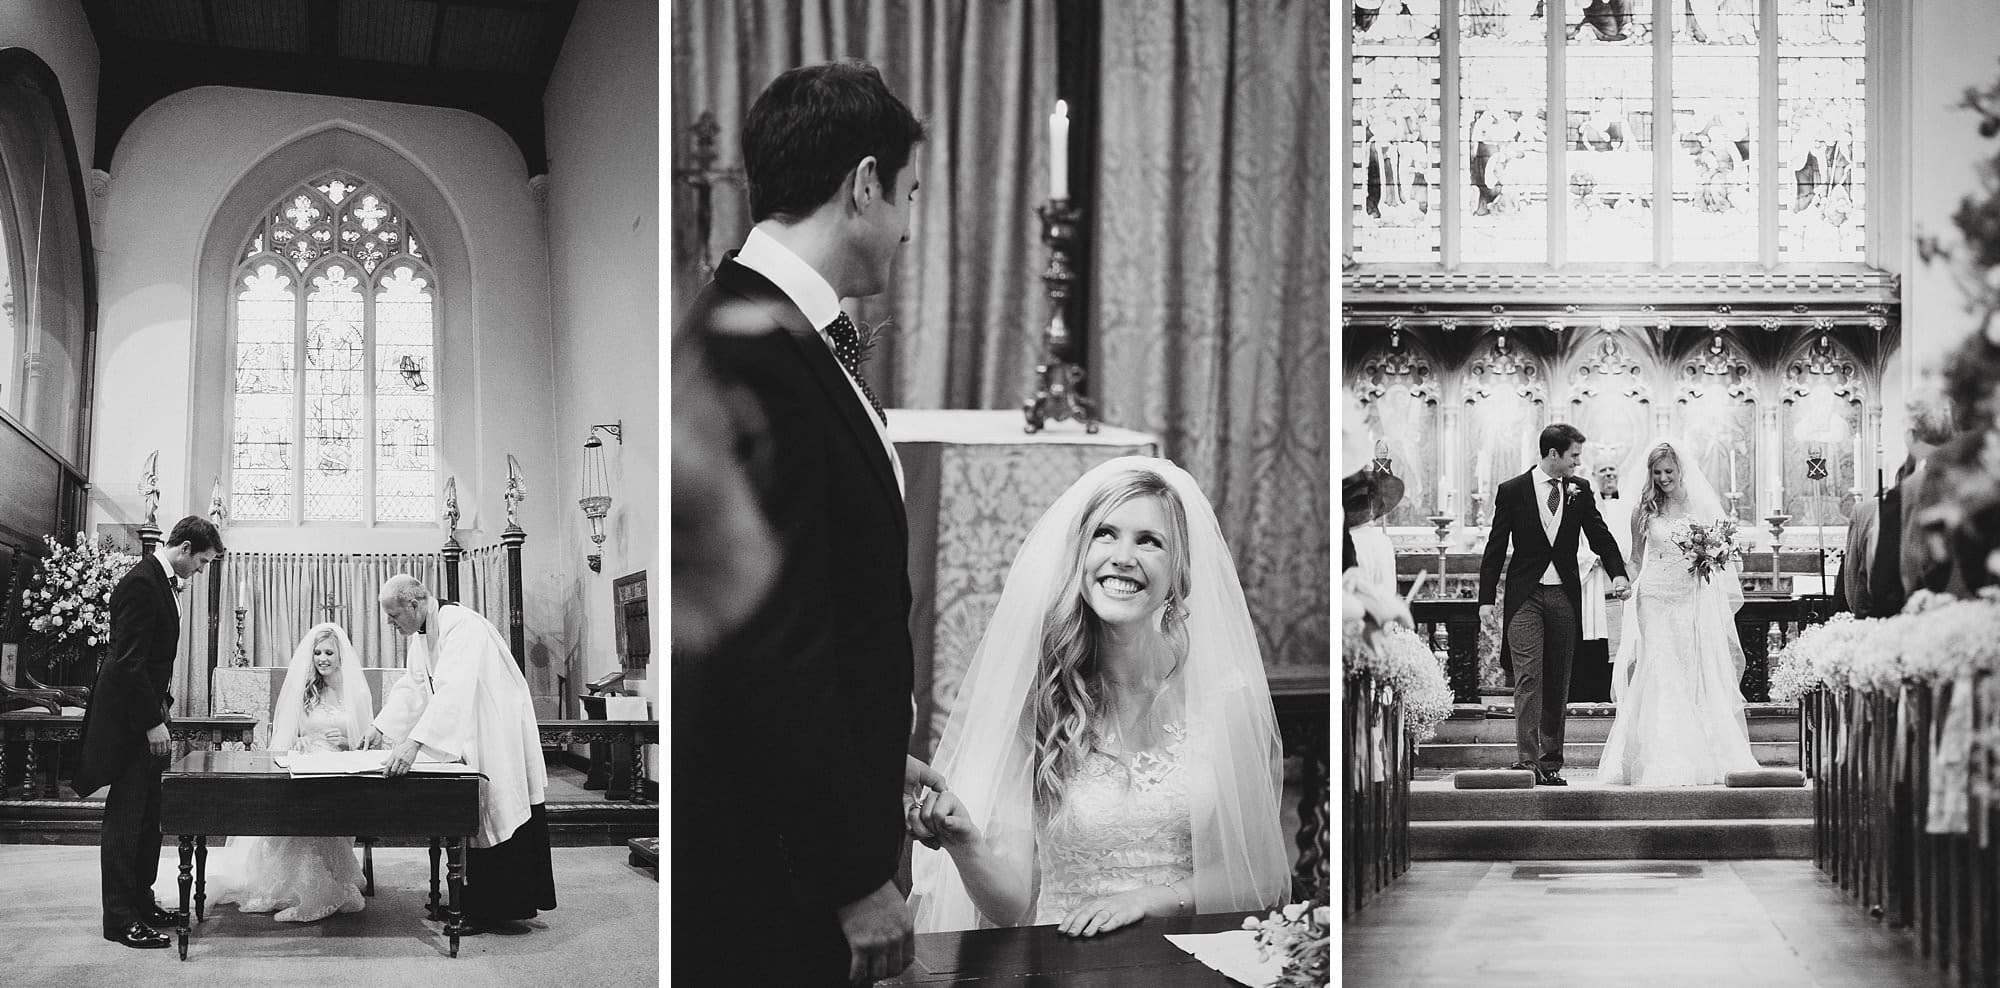 fulham palace wedding photographer 038 - Rosanna + Duncan | Fulham